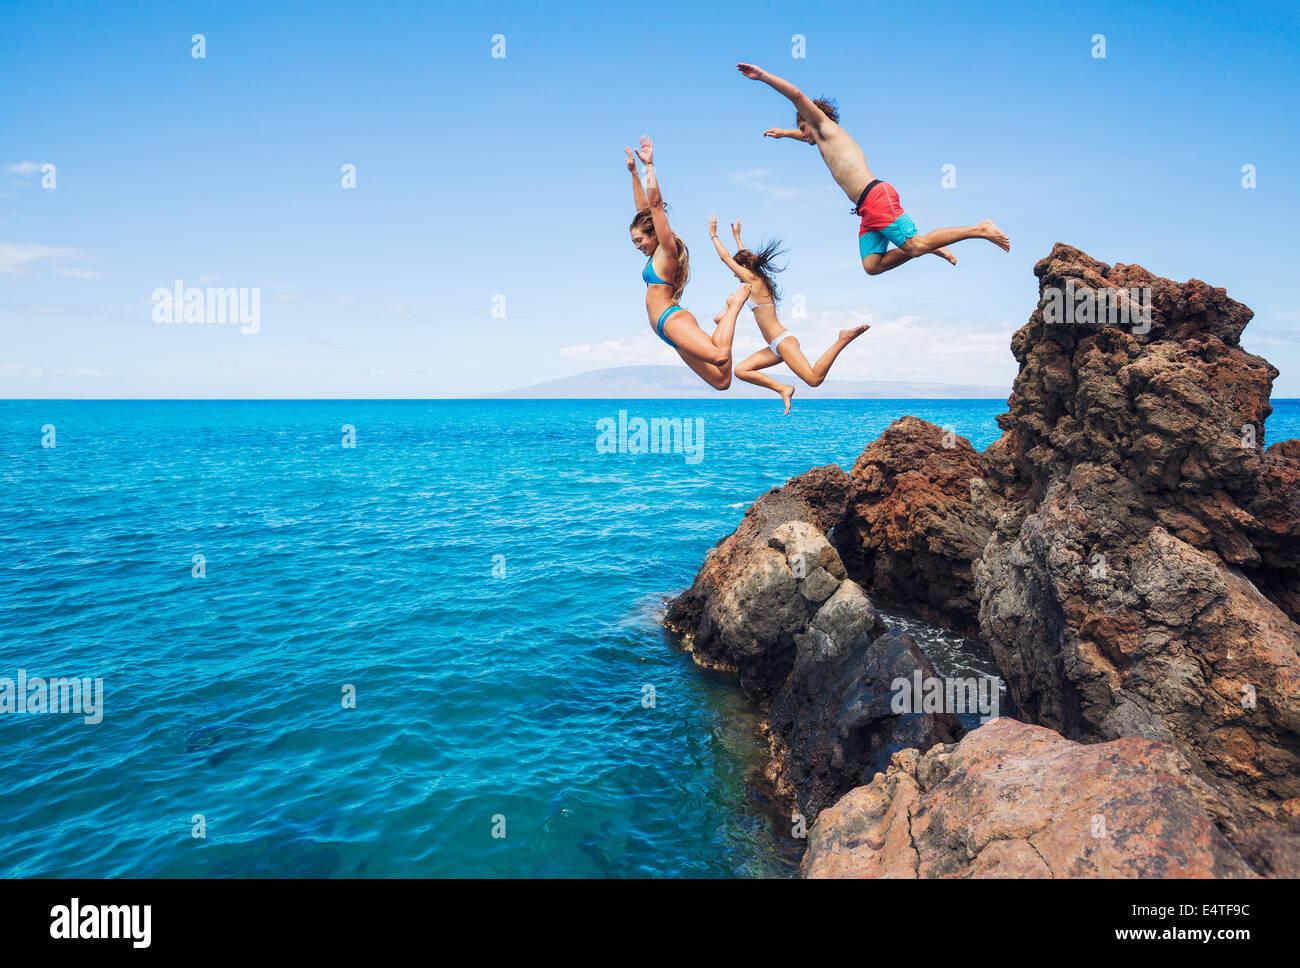 Sommer-Spaß, Freunde Klippen ins Meer springen. Stockbild